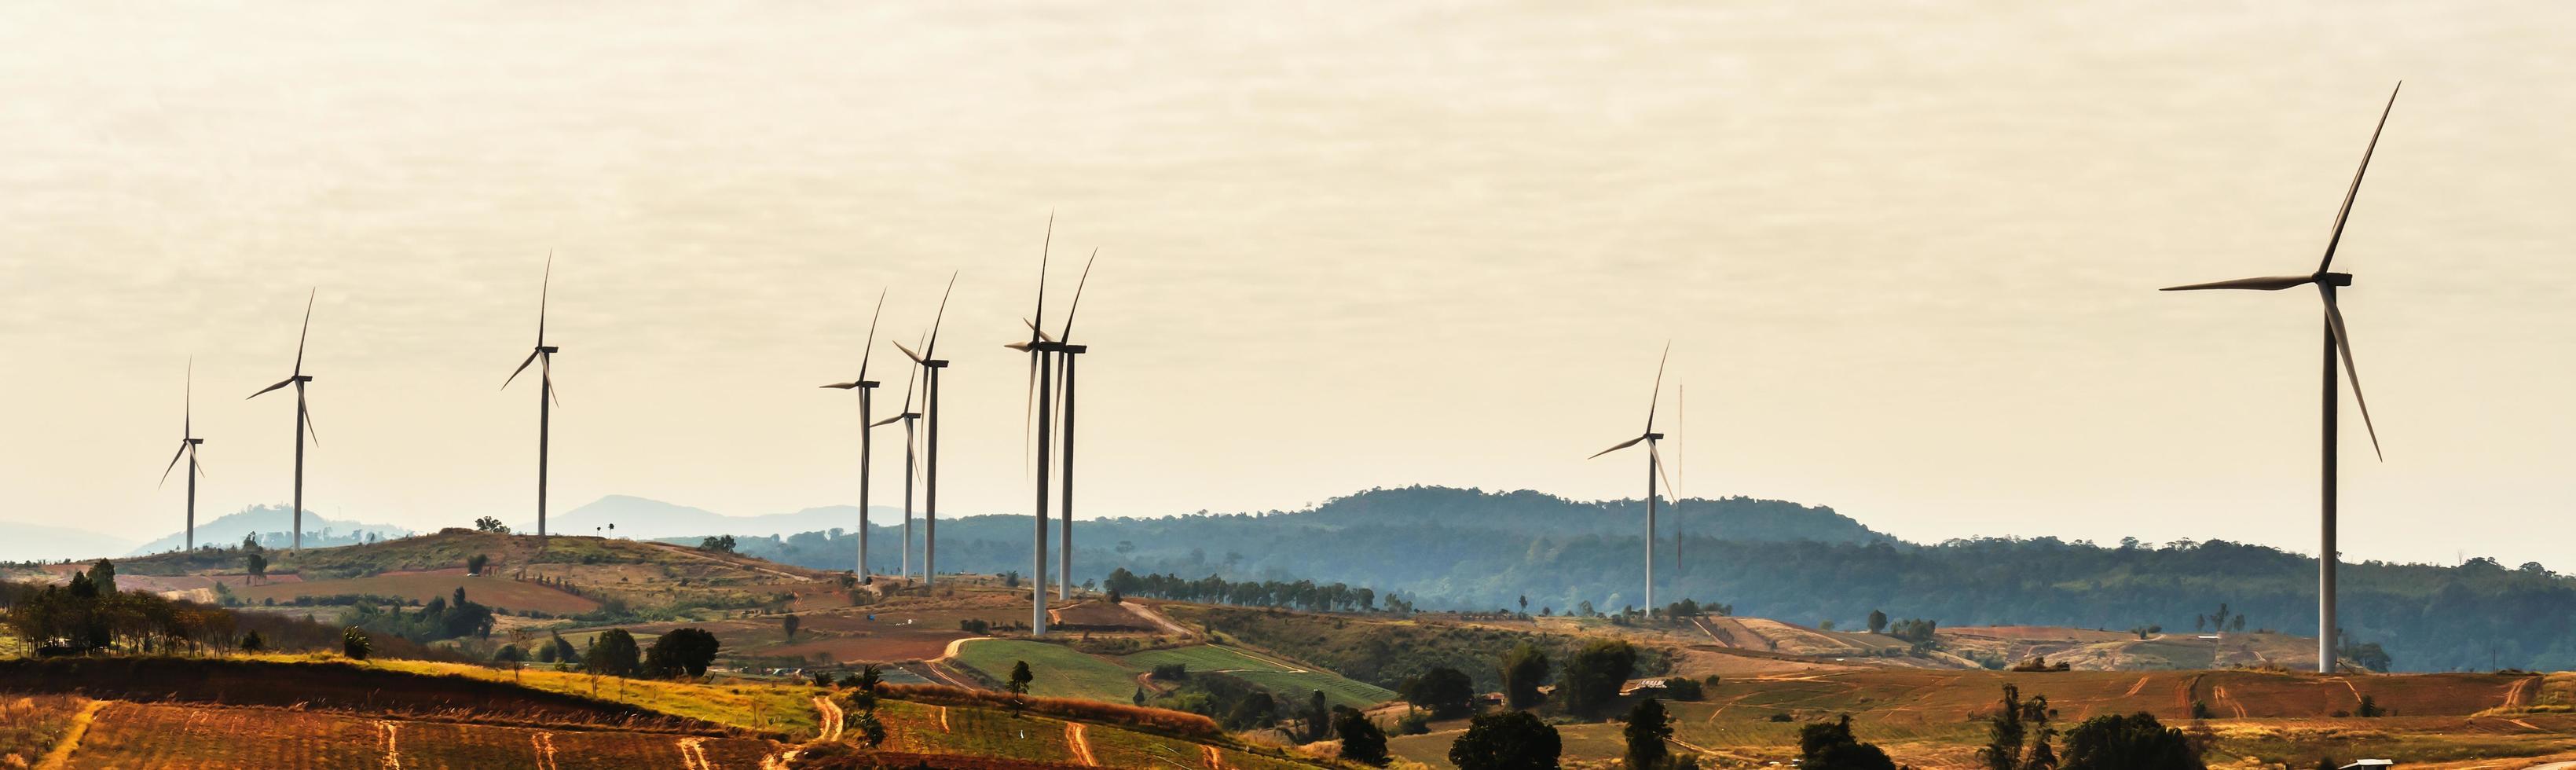 le turbine eoliche si muovono in un pomeriggio soleggiato foto